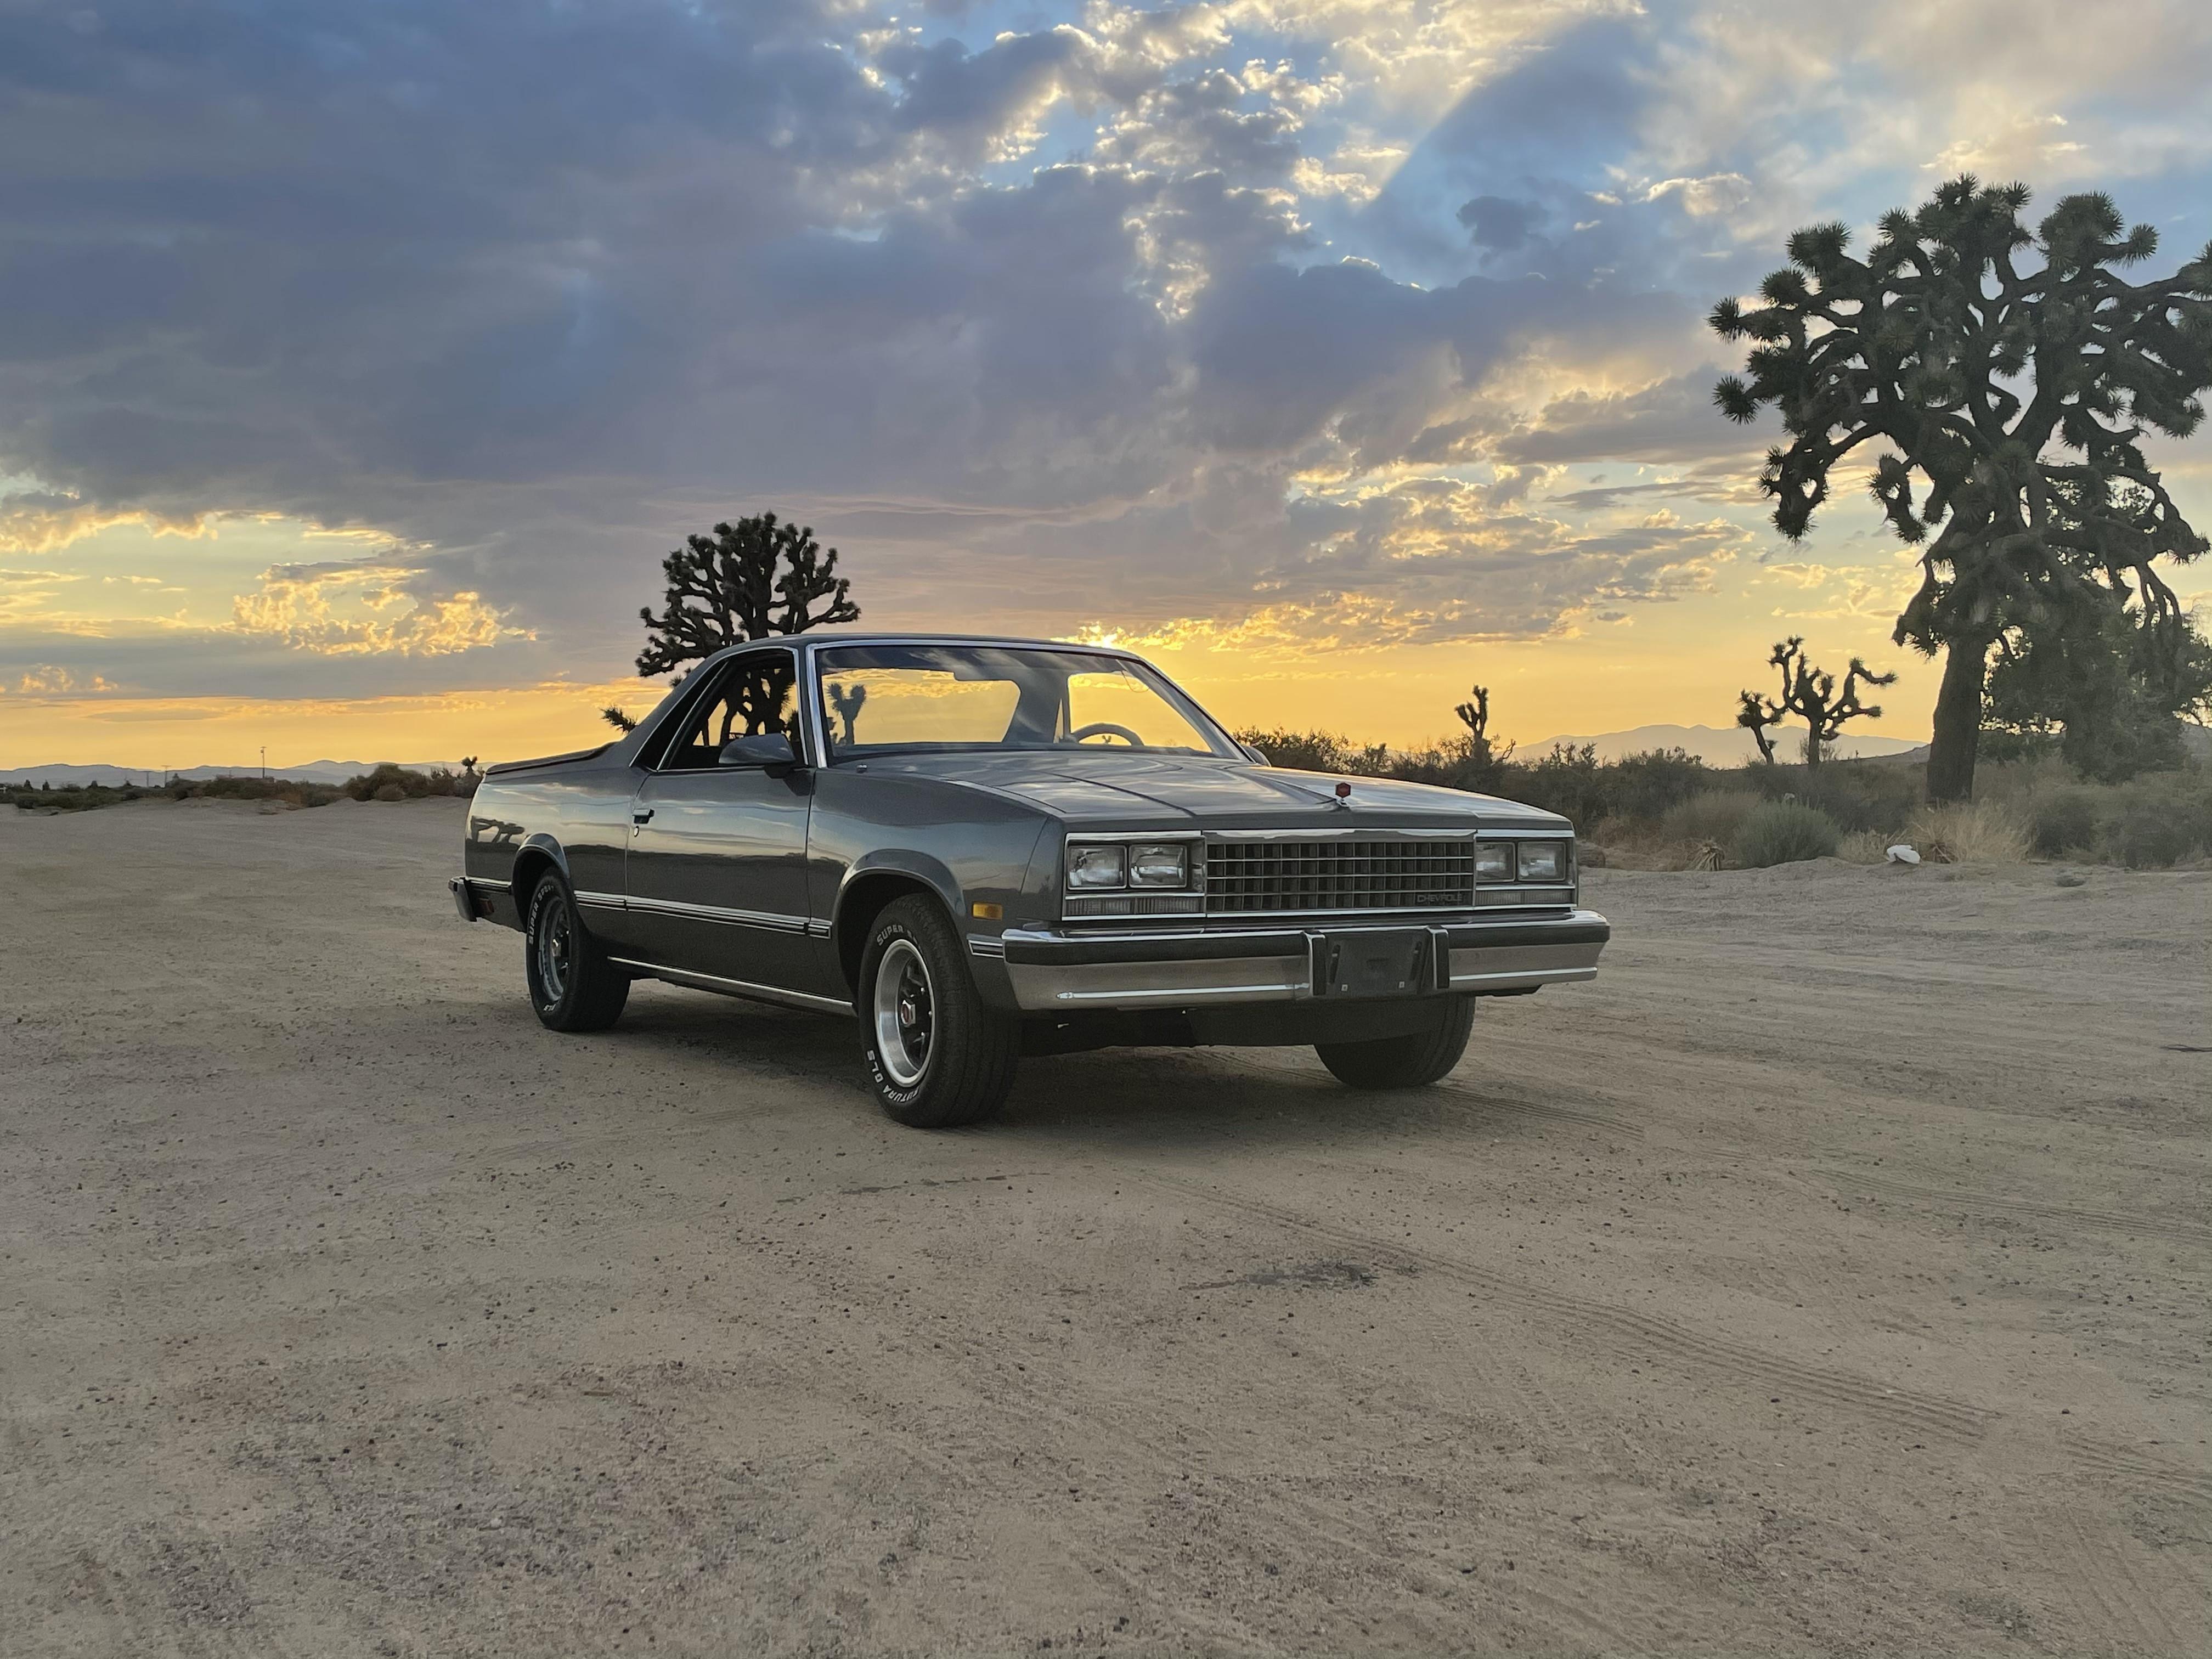 Chevrolet El Camino Hire Los Angeles